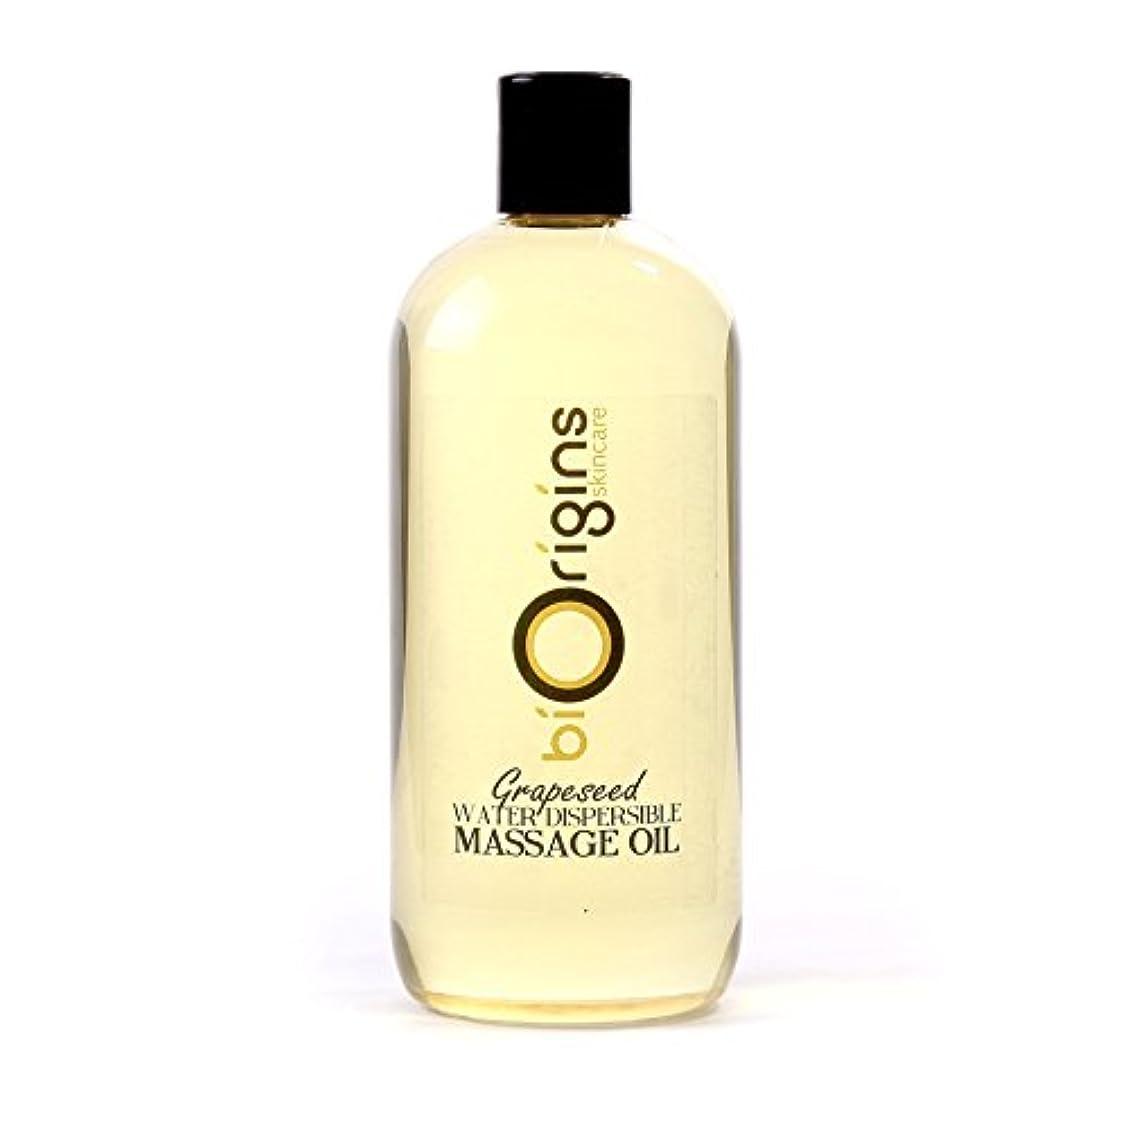 パブ時代遅れ遺棄されたGrapeseed Water Dispersible Massage Oil - 500ml - 100% Pure